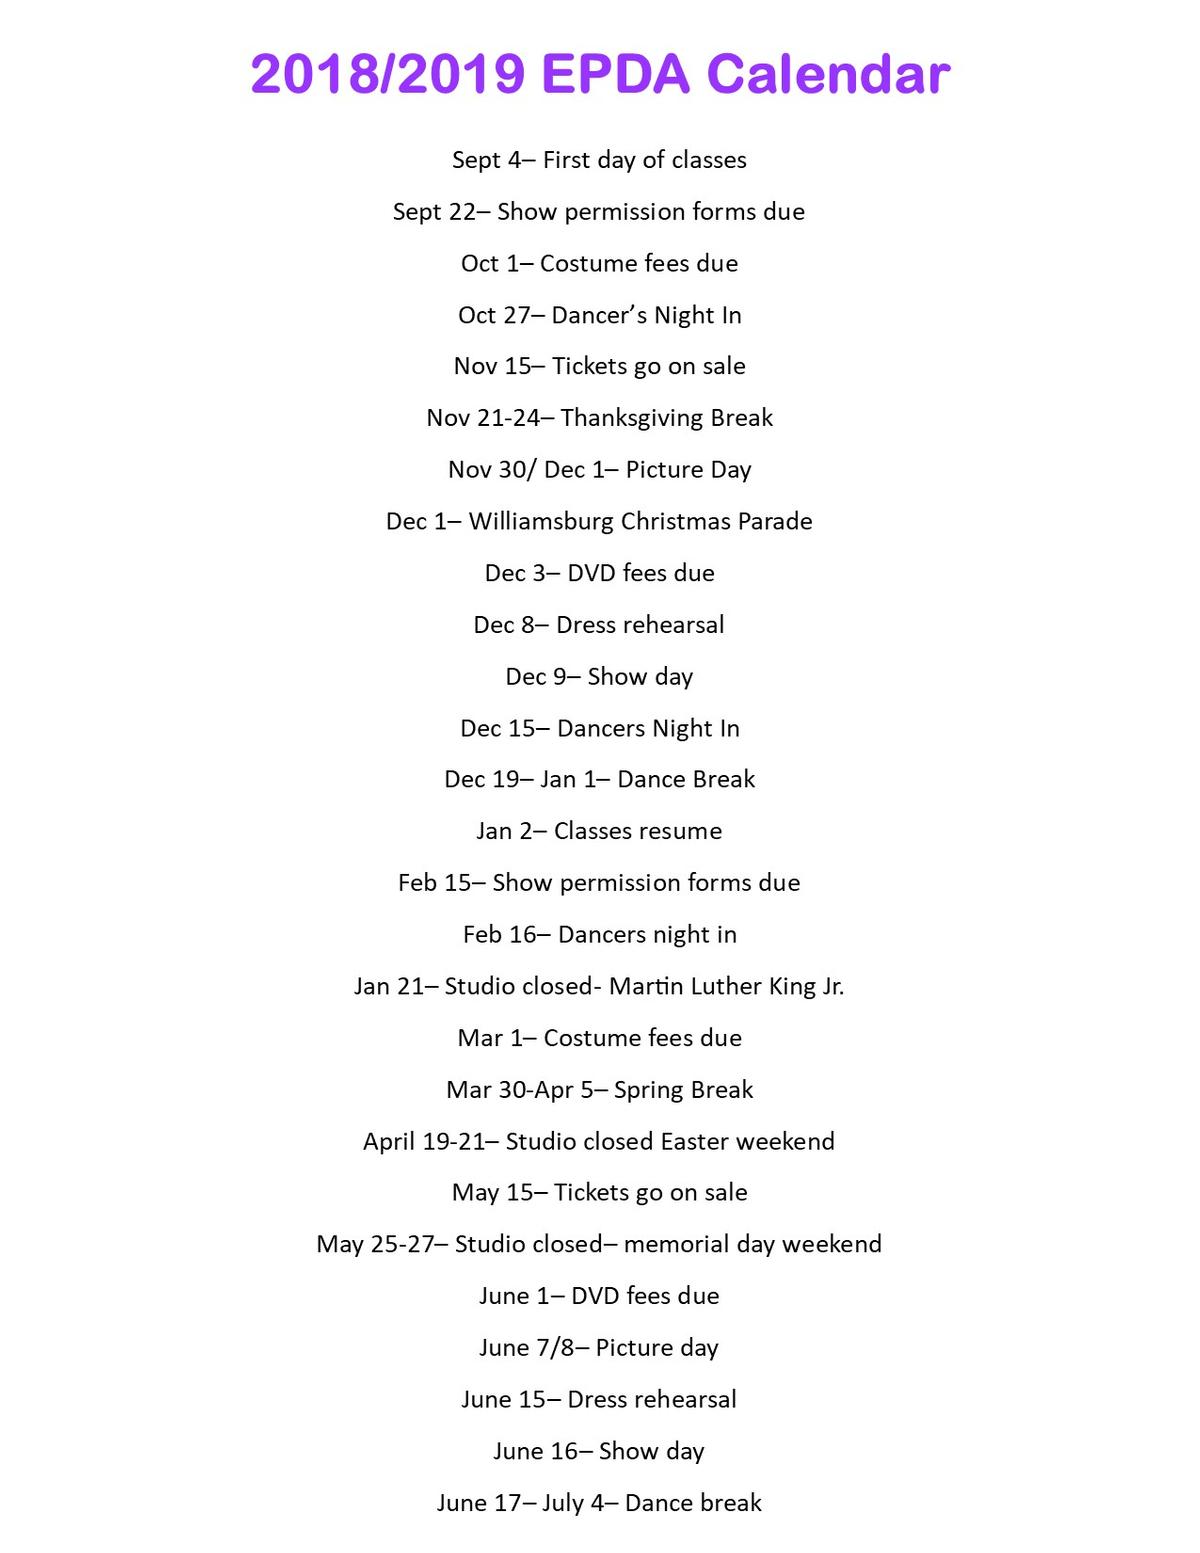 2018-2019 EPDA Calendar.jpg